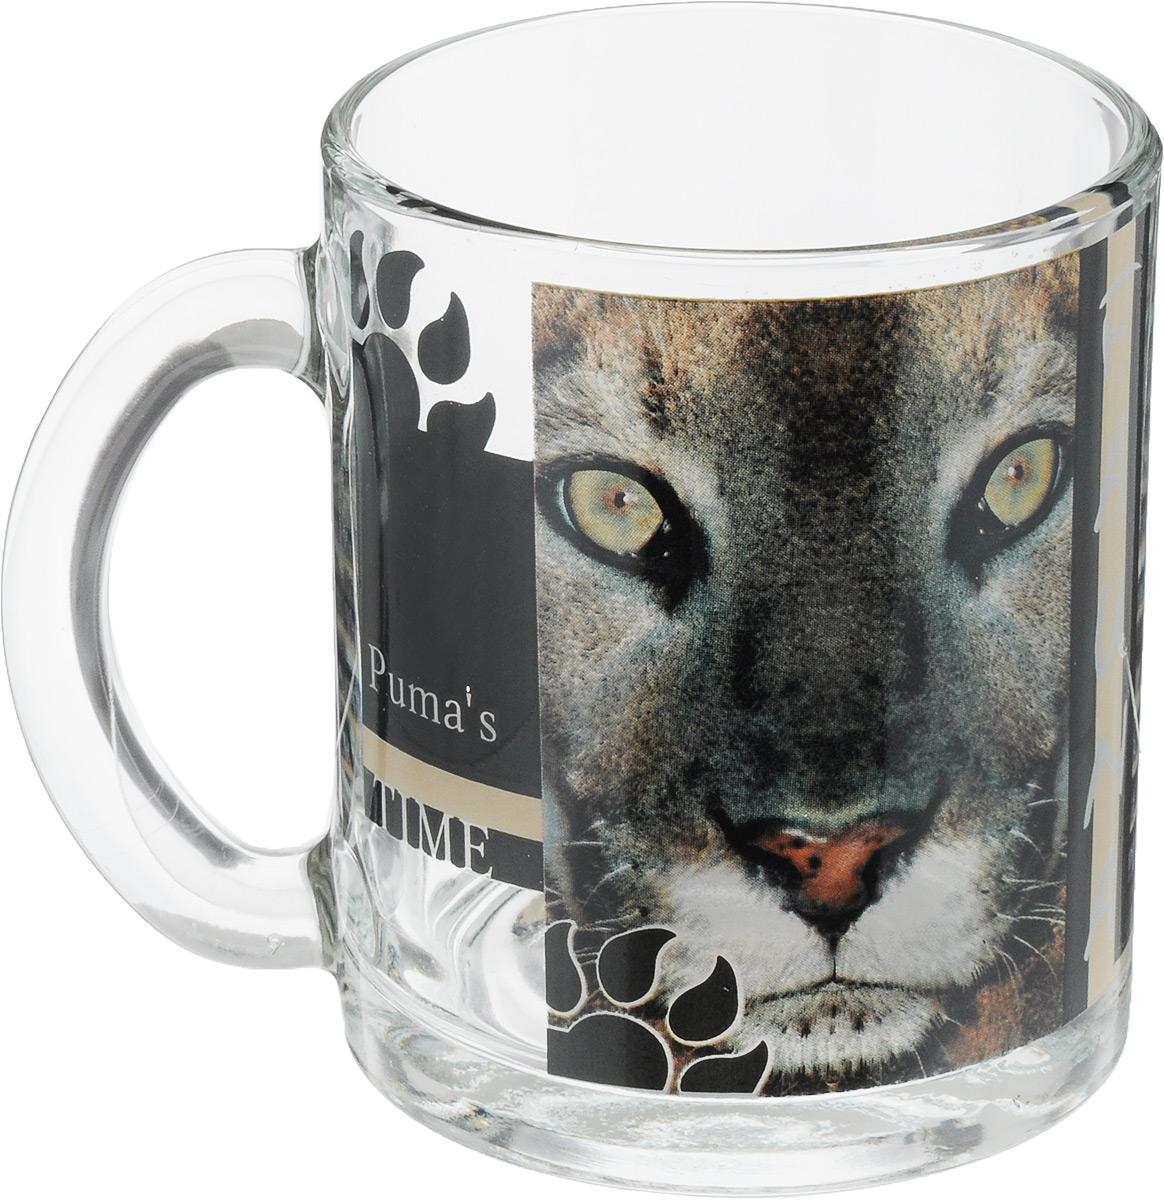 Кружка OSZ Чайная. Дикие кошки. Пума, 320 мл04C1208-DKK_пумаКружка OSZ Чайная. Дикие кошки. Пума изготовлена из стекла и декорирована принтом. Диаметр (по верхнему краю): 7,5 см. Высота: 9,5 см. Объем: 320 мл.